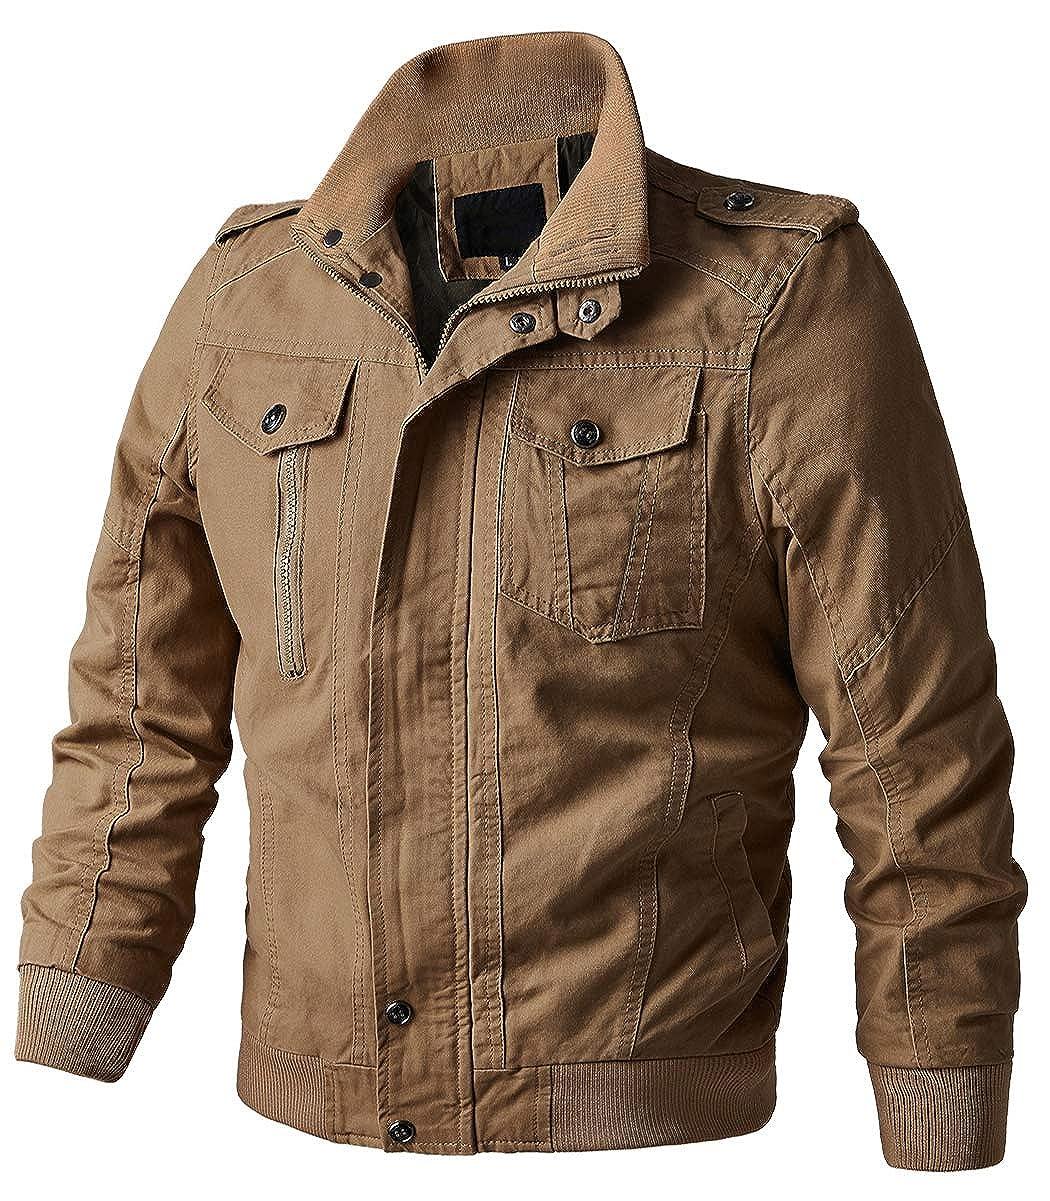 EKLENTSON Men's Casual Military Jackets Windbreaker Cotton Stand Collar Field Jacket Coat EK-112